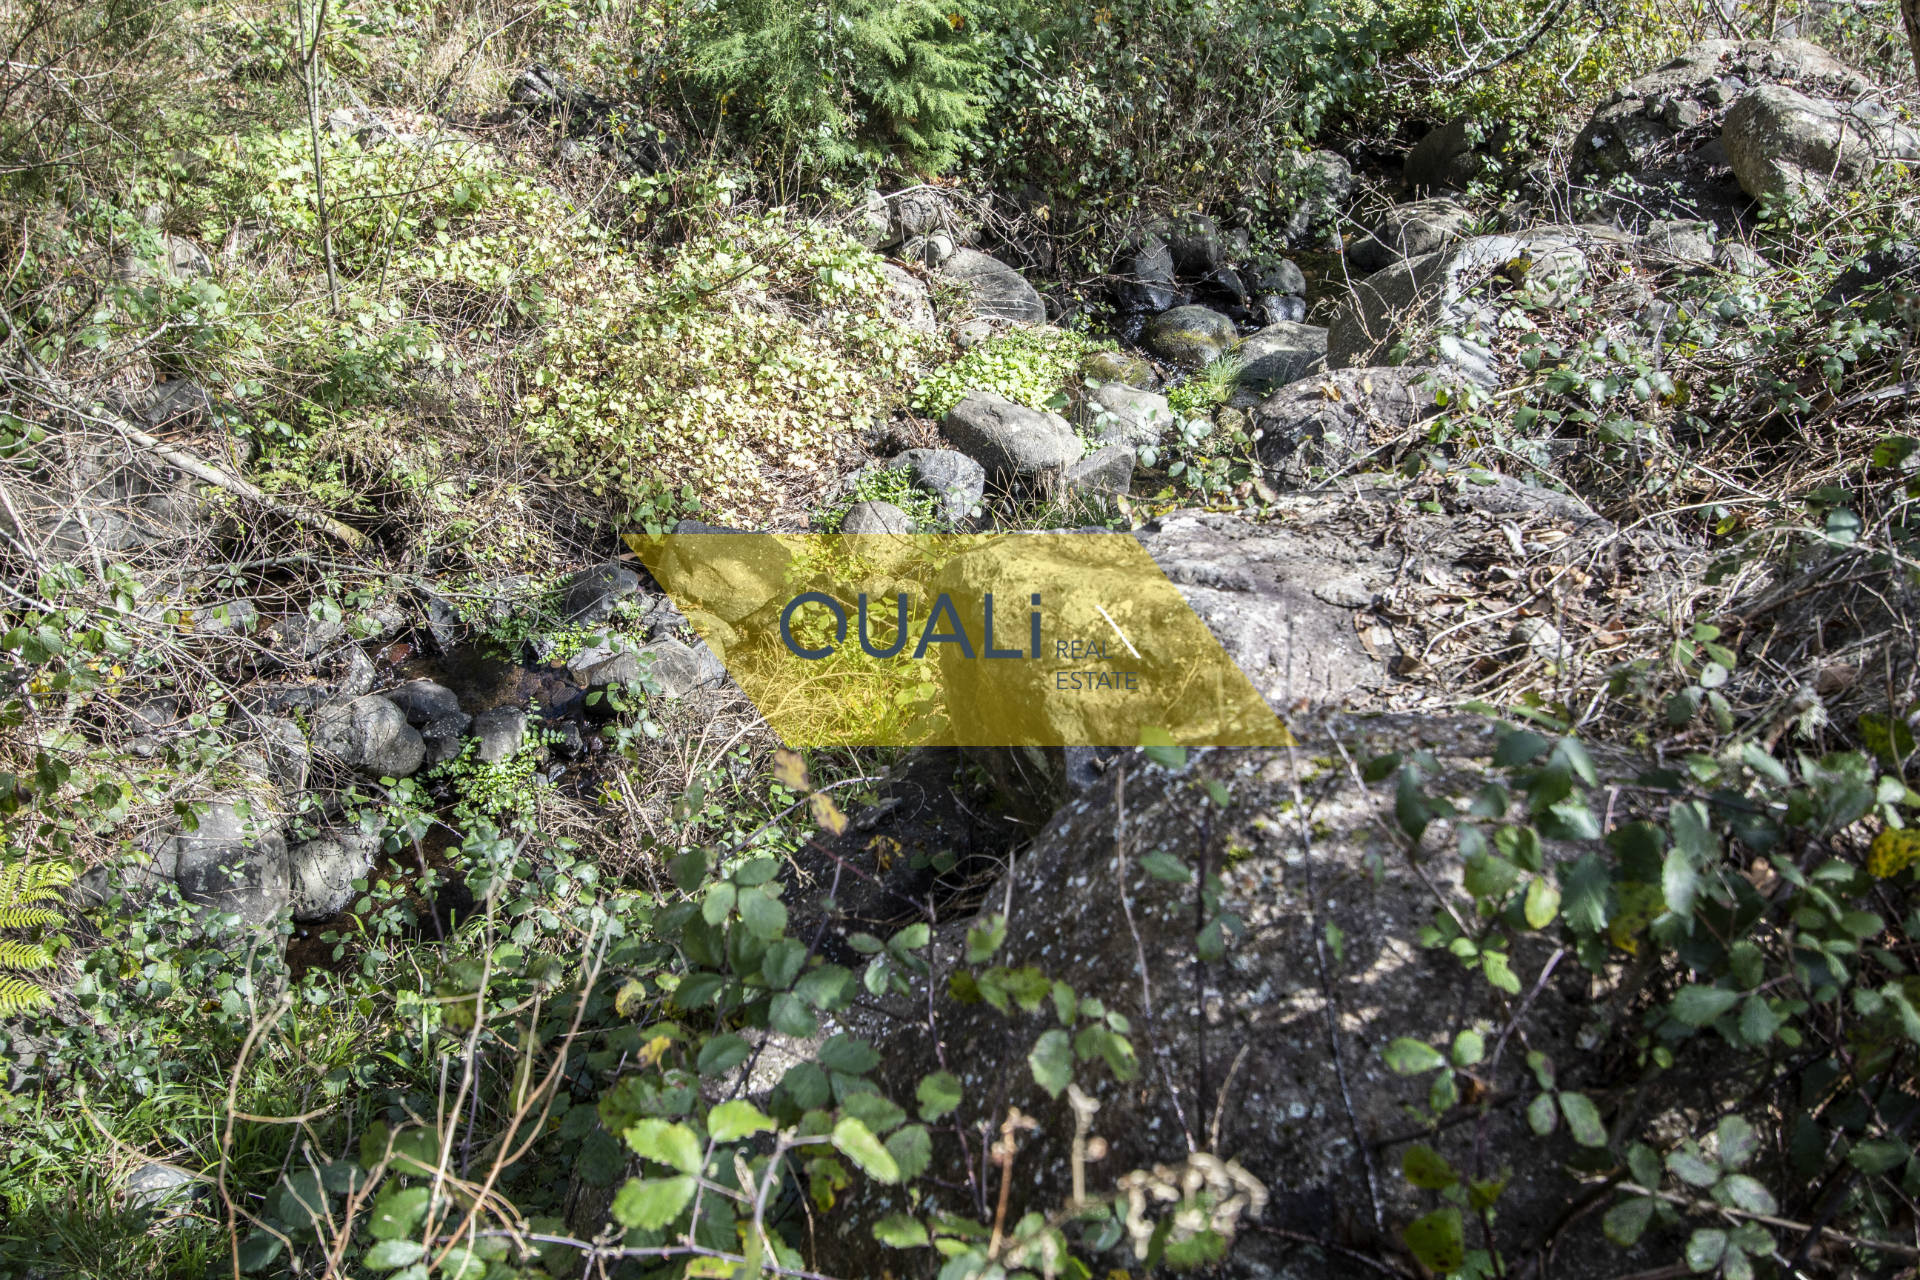 Terreno Agrícola no Monte - Ilha da Madeira. €119.500,00